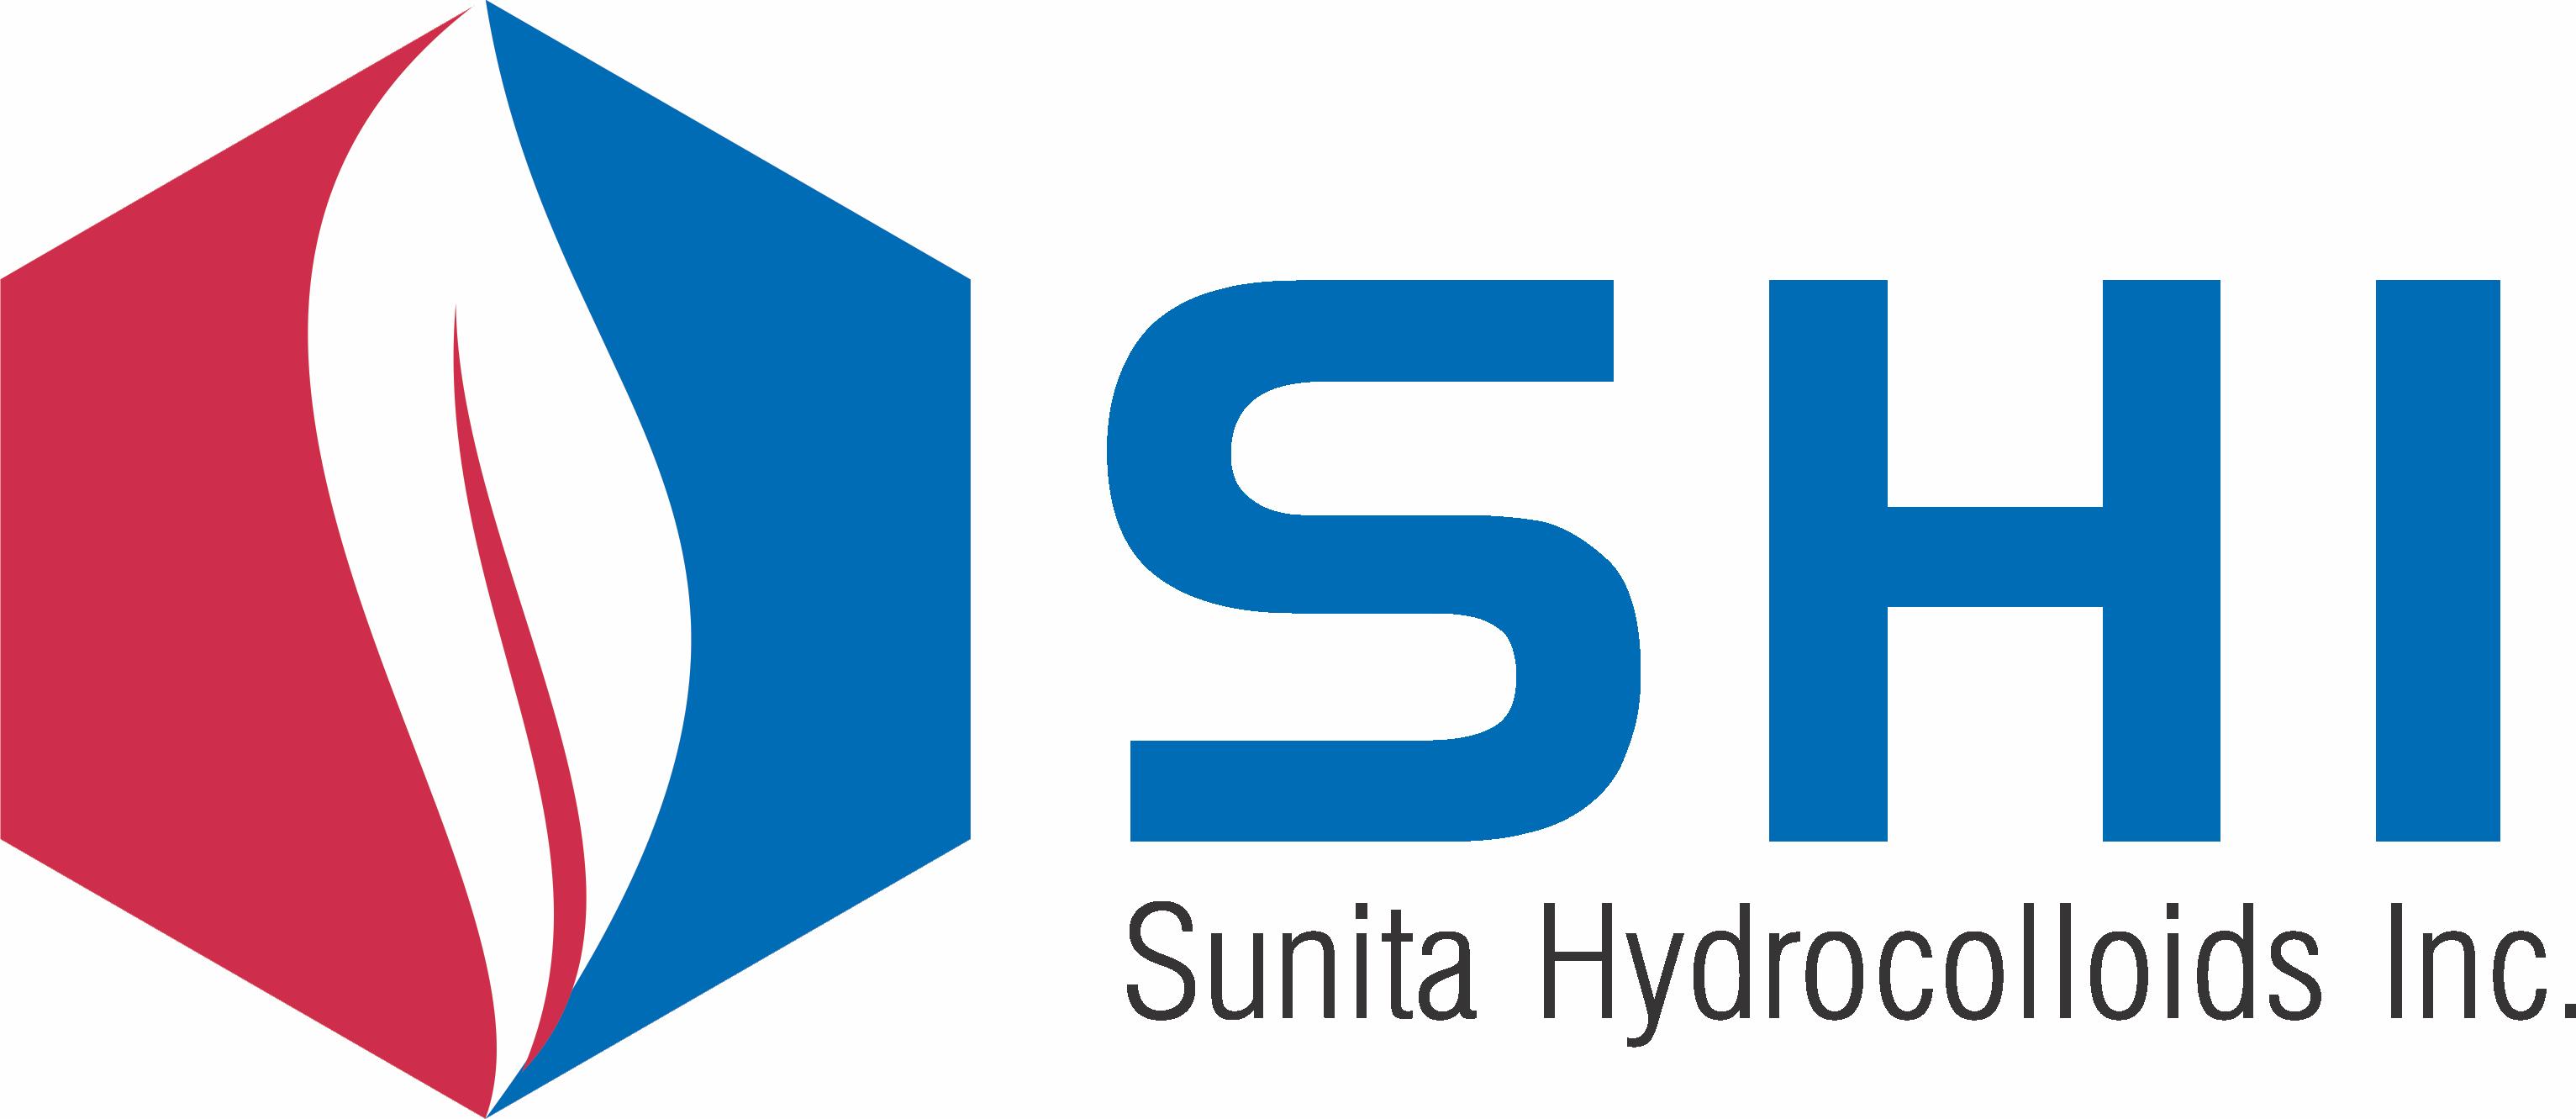 Sunita Hydrocolloids Inc